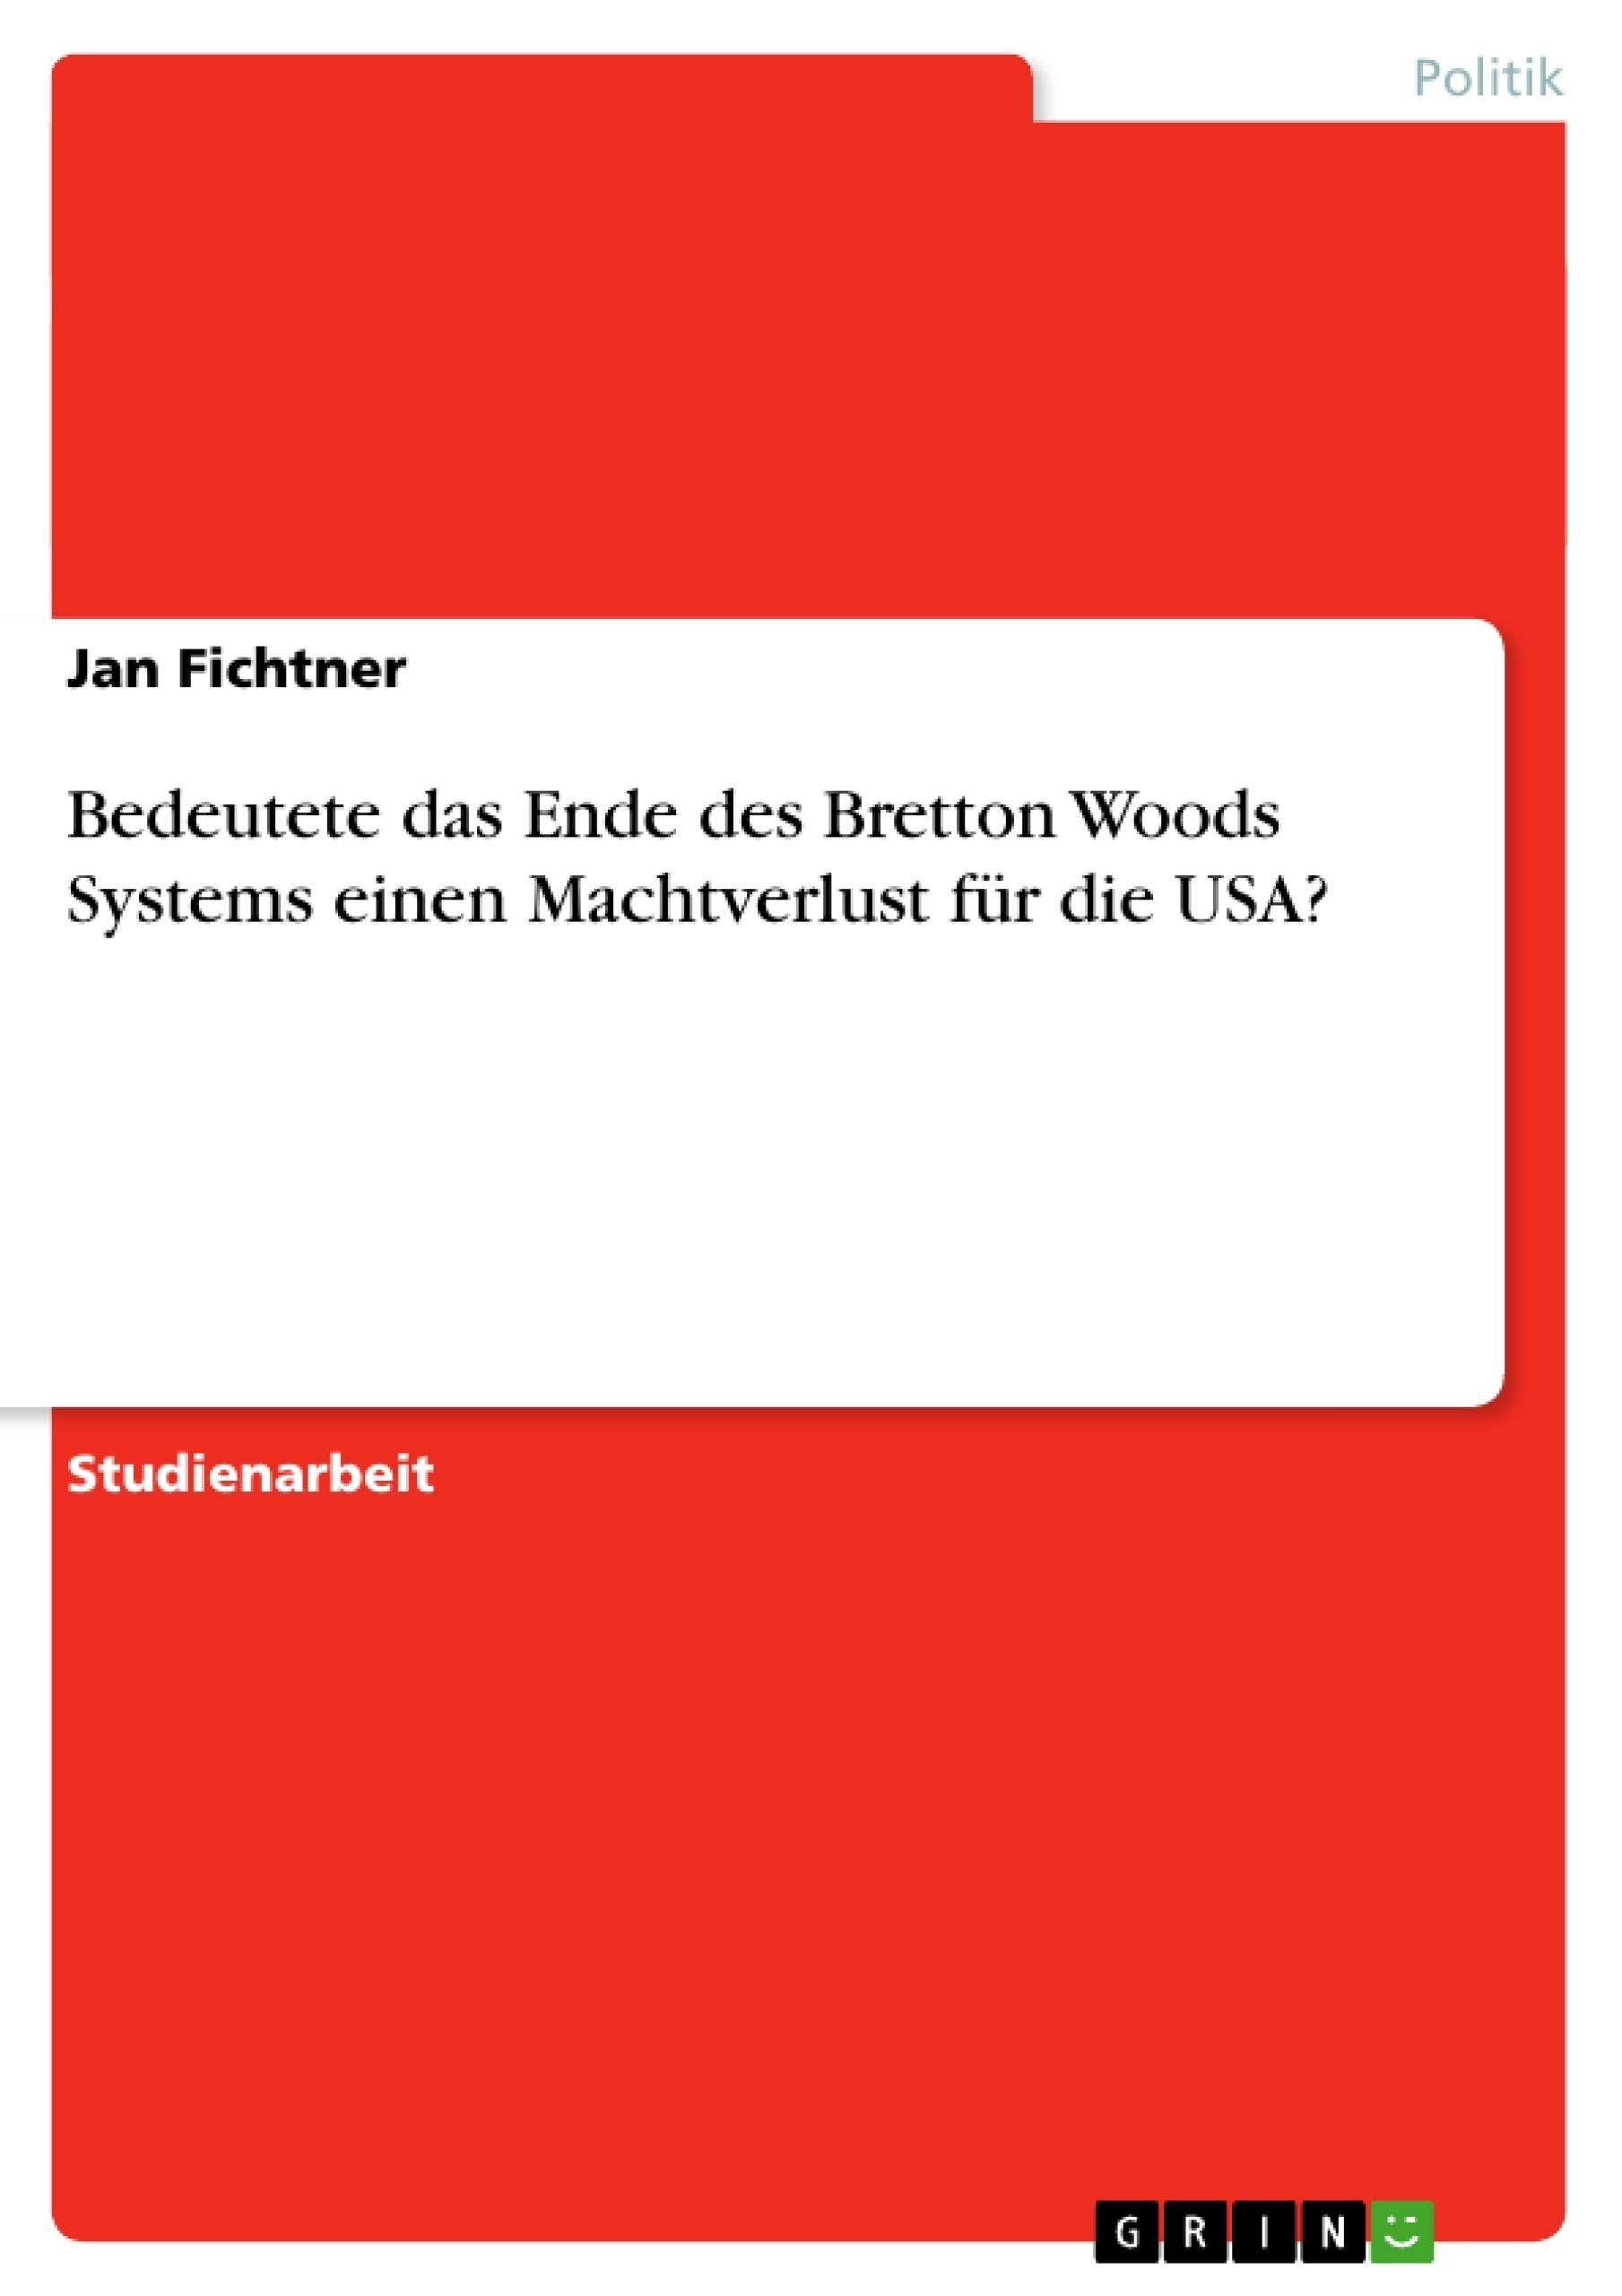 Titel: Bedeutete das Ende des Bretton Woods Systems einen Machtverlust für die USA?